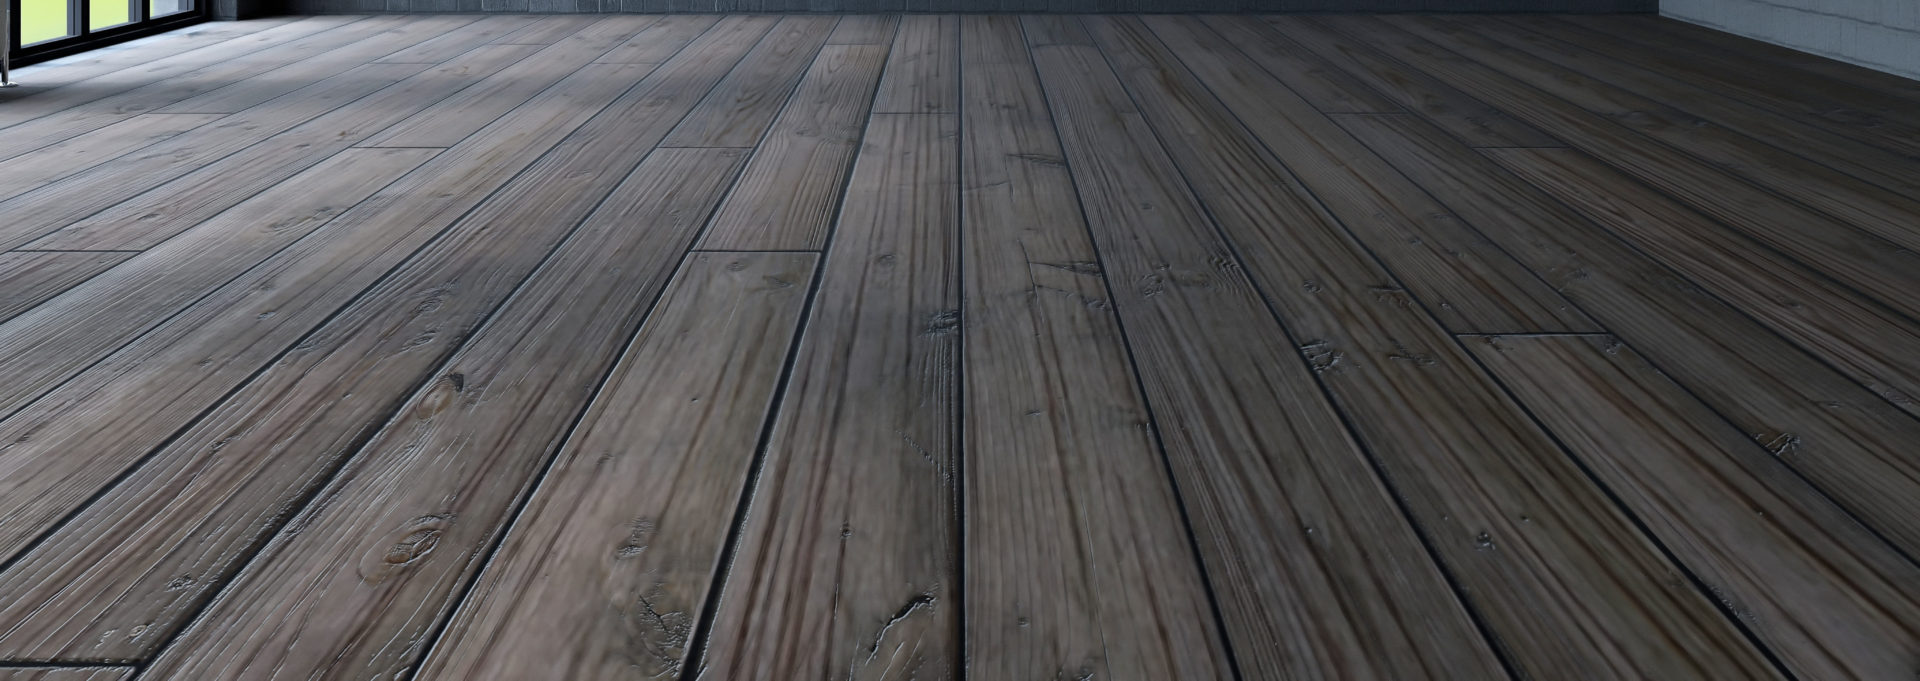 idepot flooring